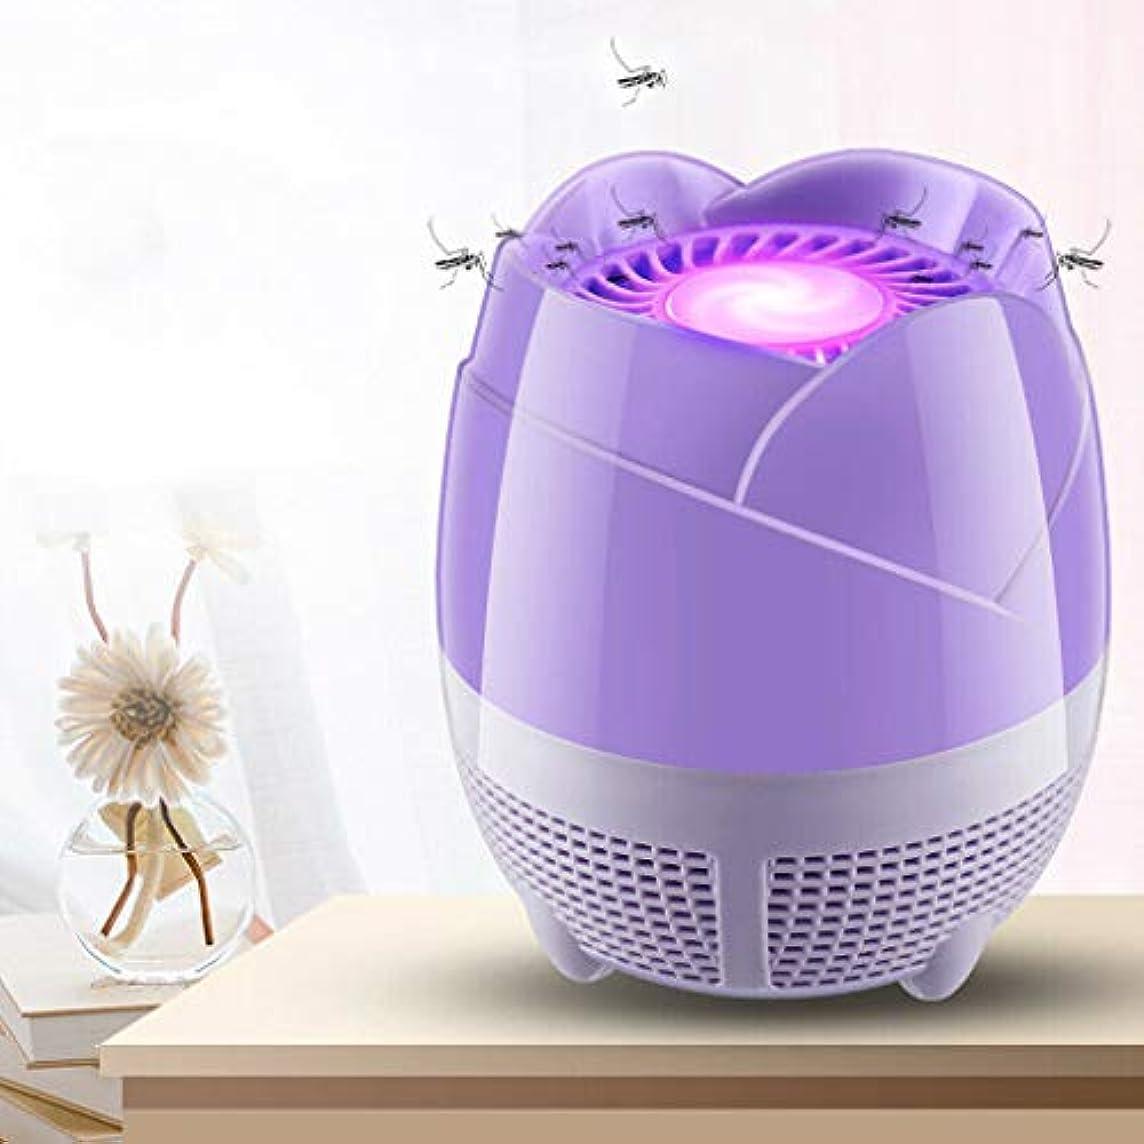 カスタムアラブ人永遠の家庭用蚊取り器USB電子蚊取り器UV光源蚊取り器LED光触媒吸引式殺虫器キラートラップ吸入式蚊取り器、家庭用電子蚊取り器蚊忌避灯安全無毒蚊ランプ (紫の)